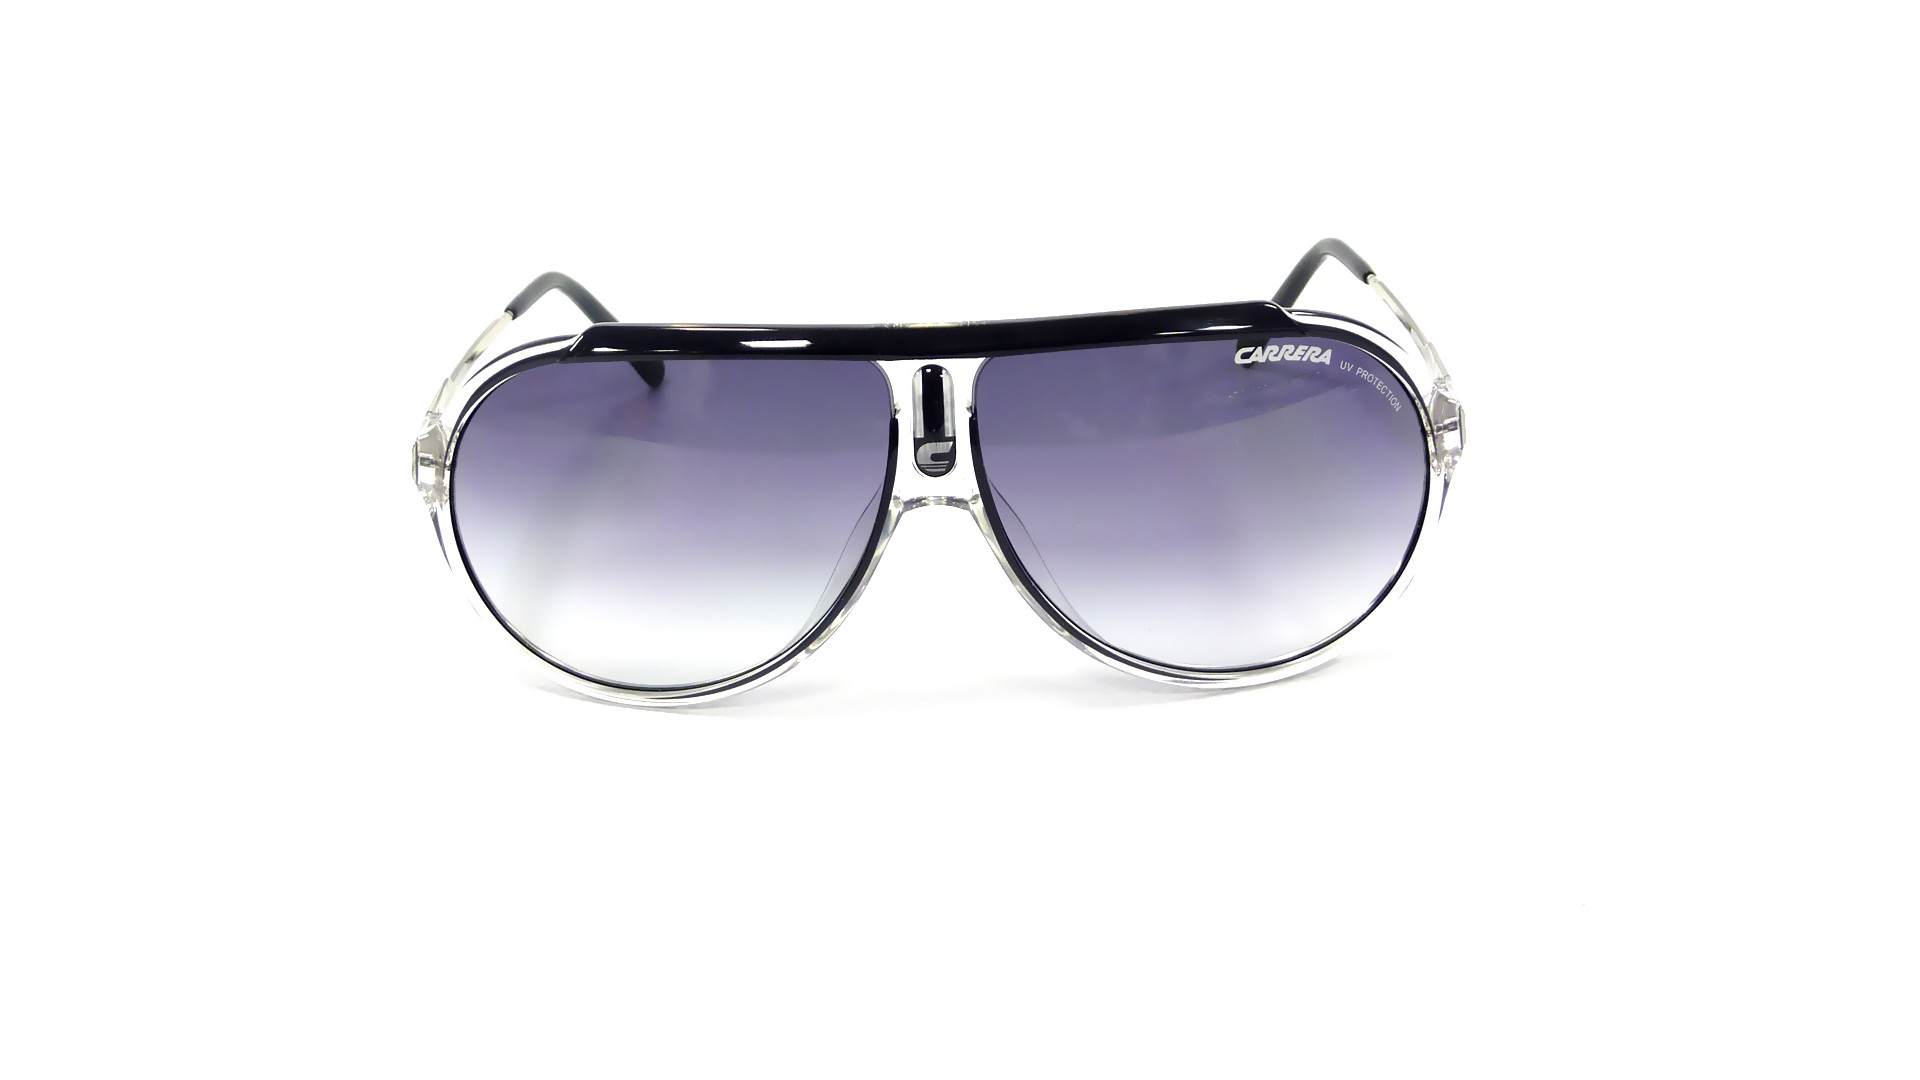 Happyview facilite l'accès aux lunettes de vue et aux lunettes de soleil